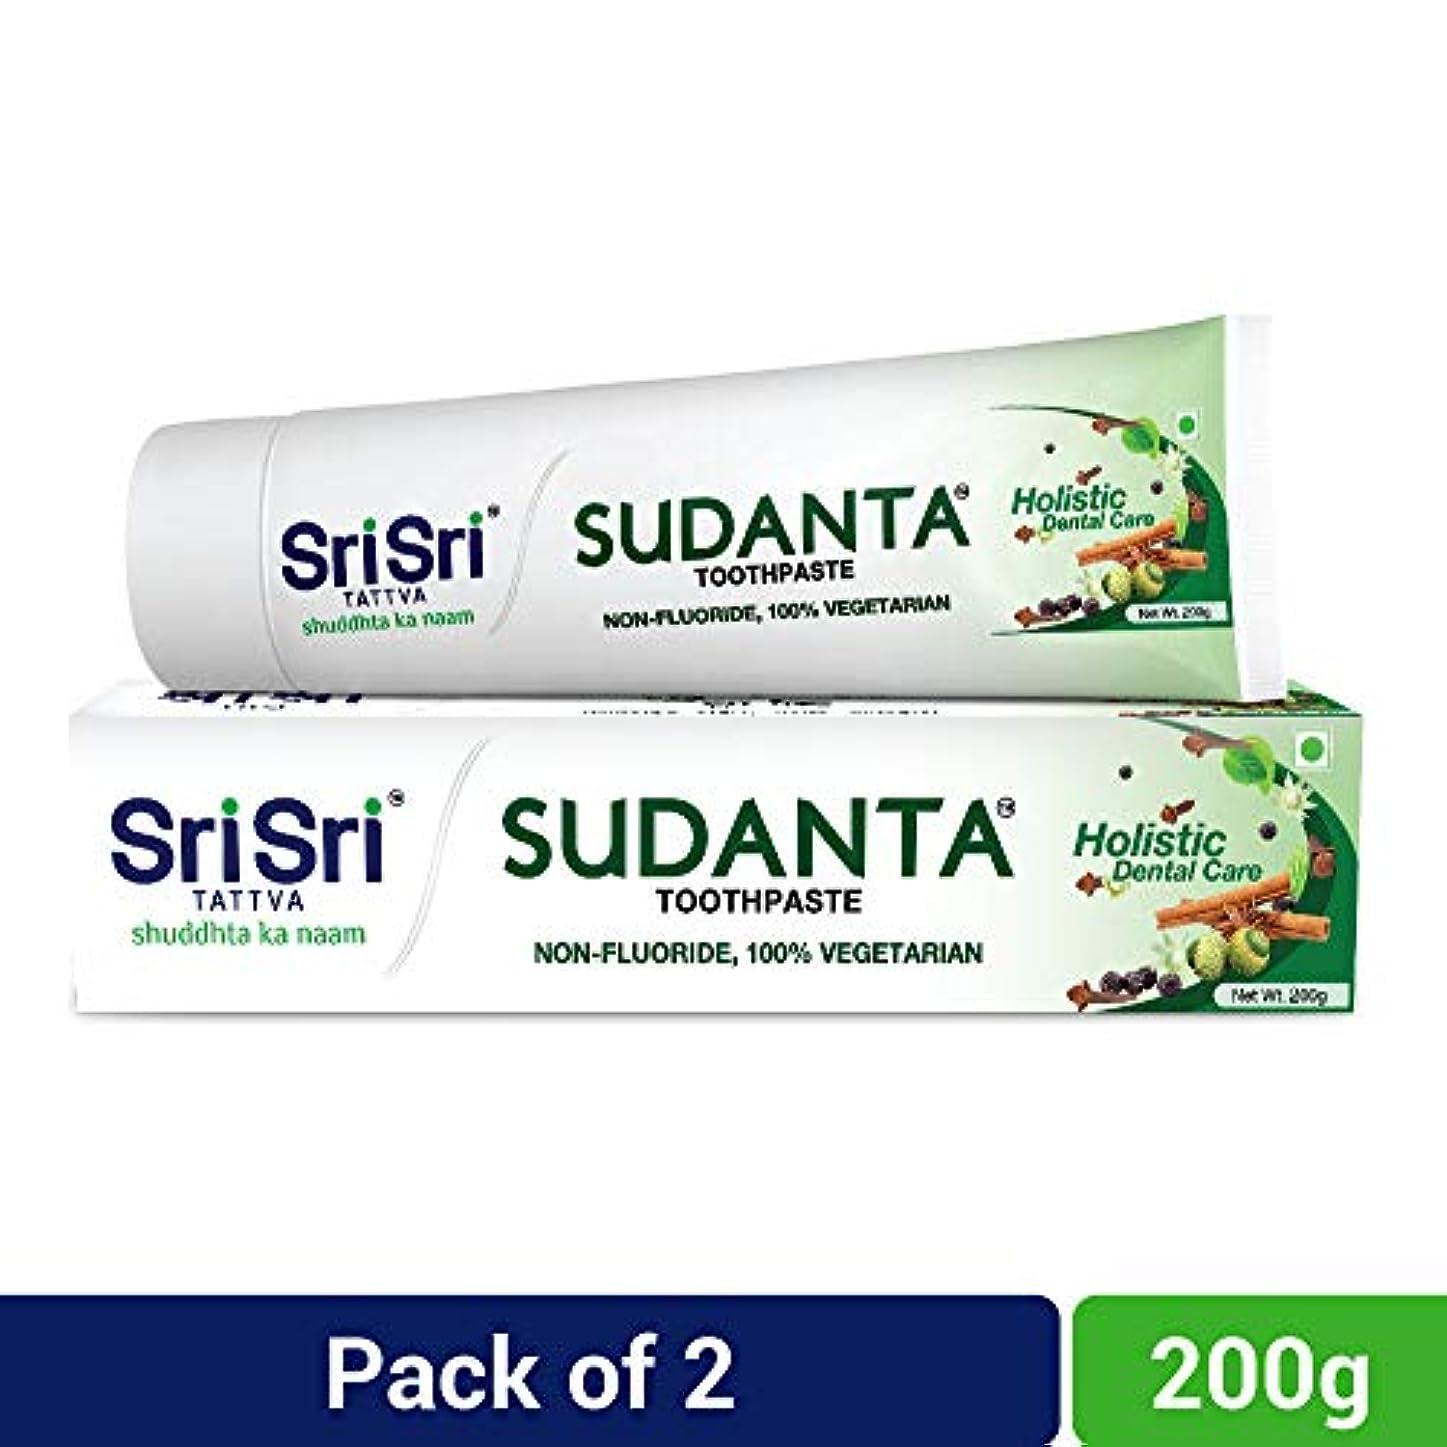 入浴デコラティブ粘液Sri Sri Tattva Sudanta Toothpaste (200 g) Pack of 2